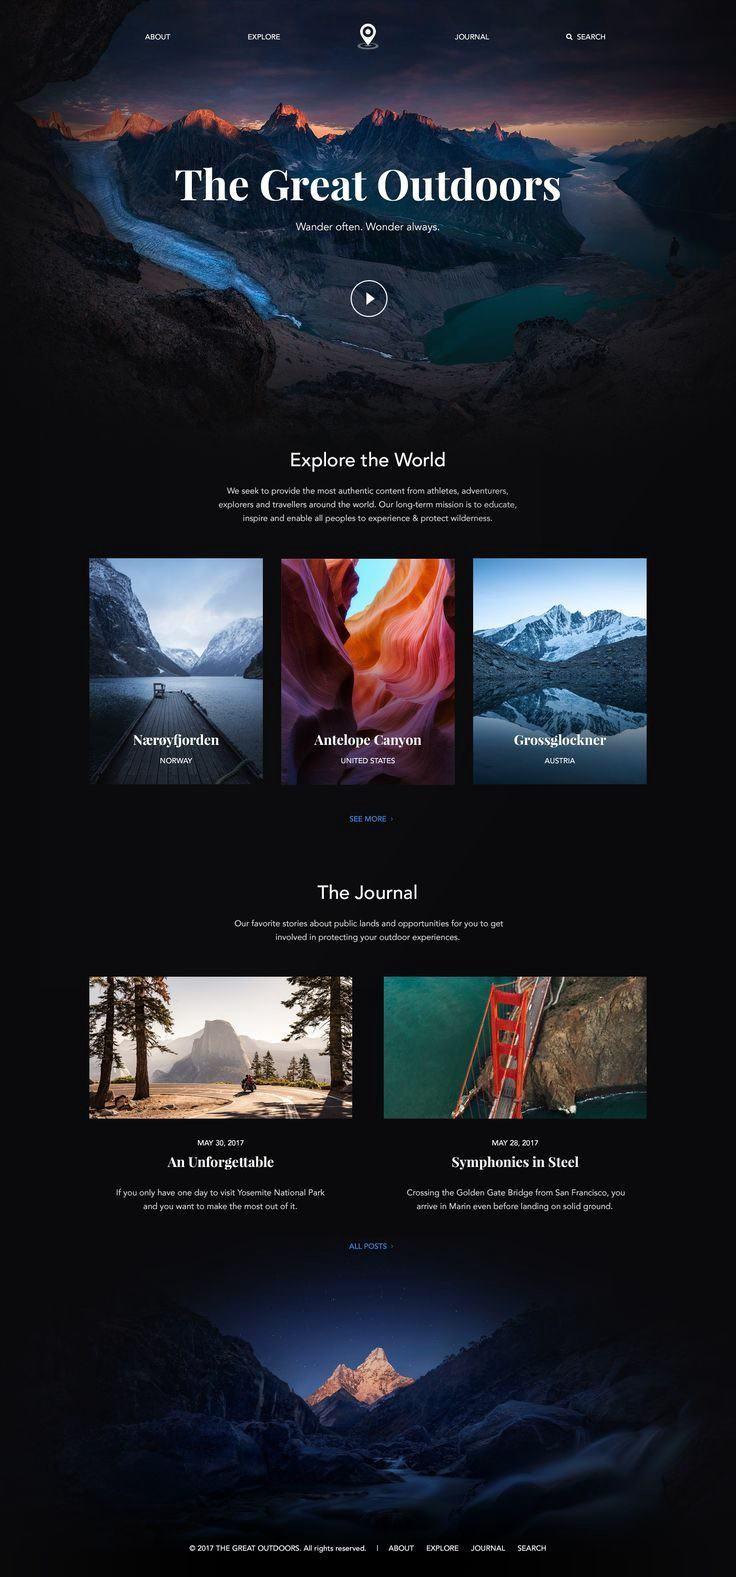 Tendencias diseño web 2019 - Imágenes de fondo. Pantalla completa.